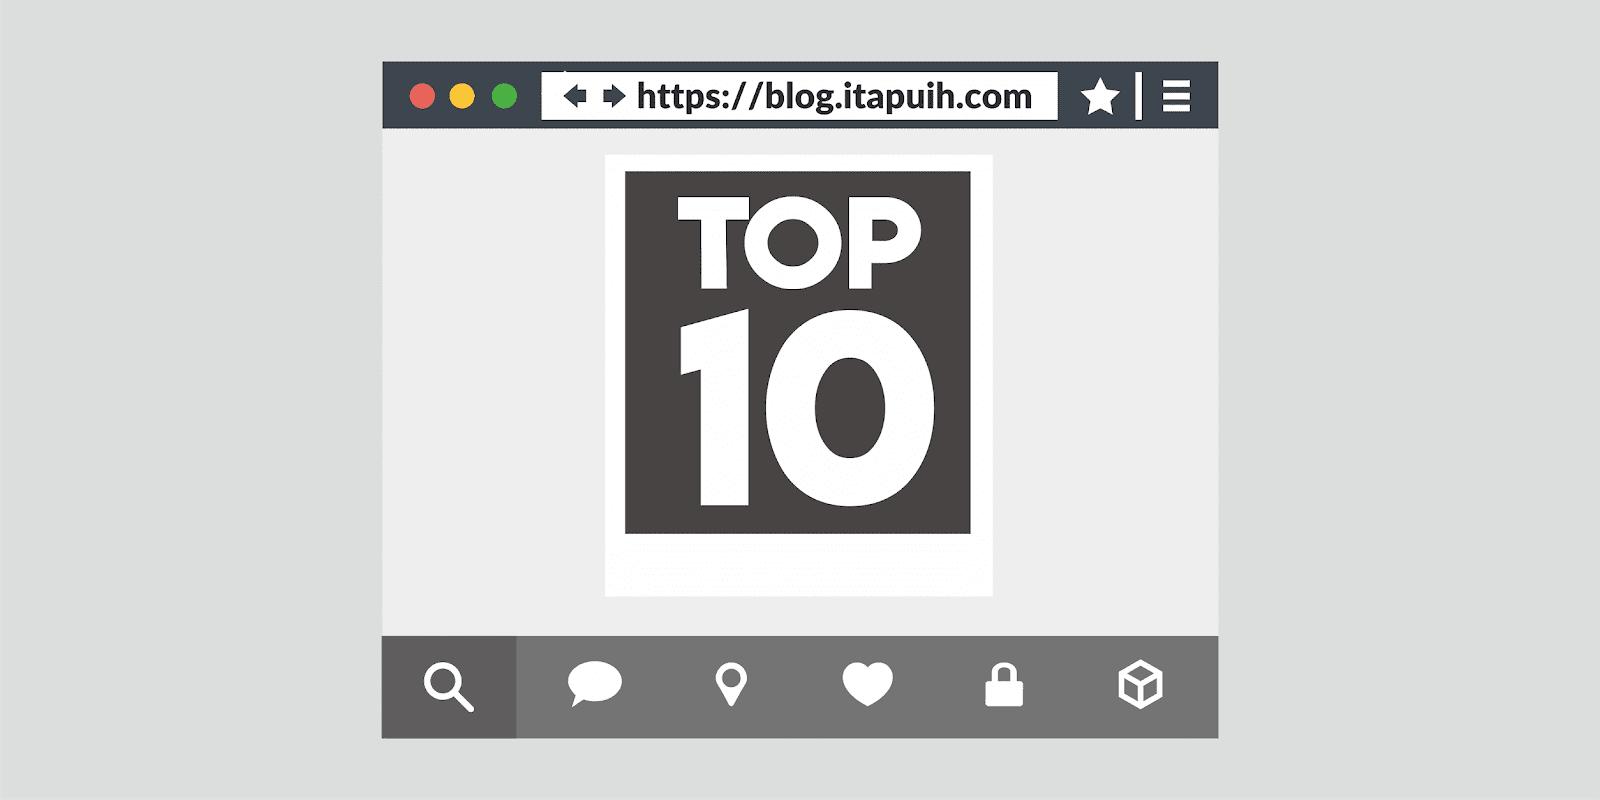 TOP 10 Viral